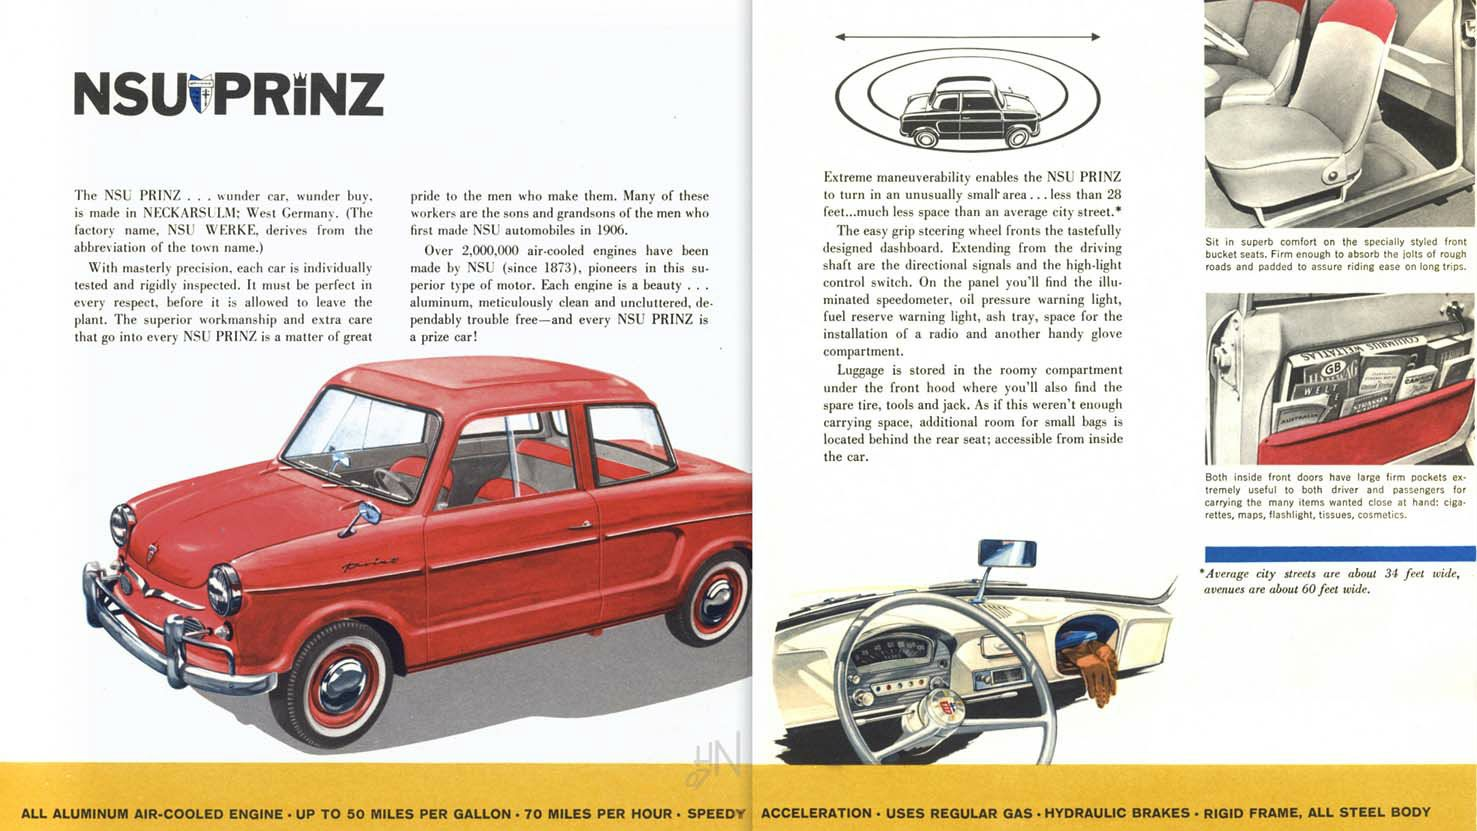 Flames & 20 Horsepower? 1958 NSU Prinz | Car pics and Cars